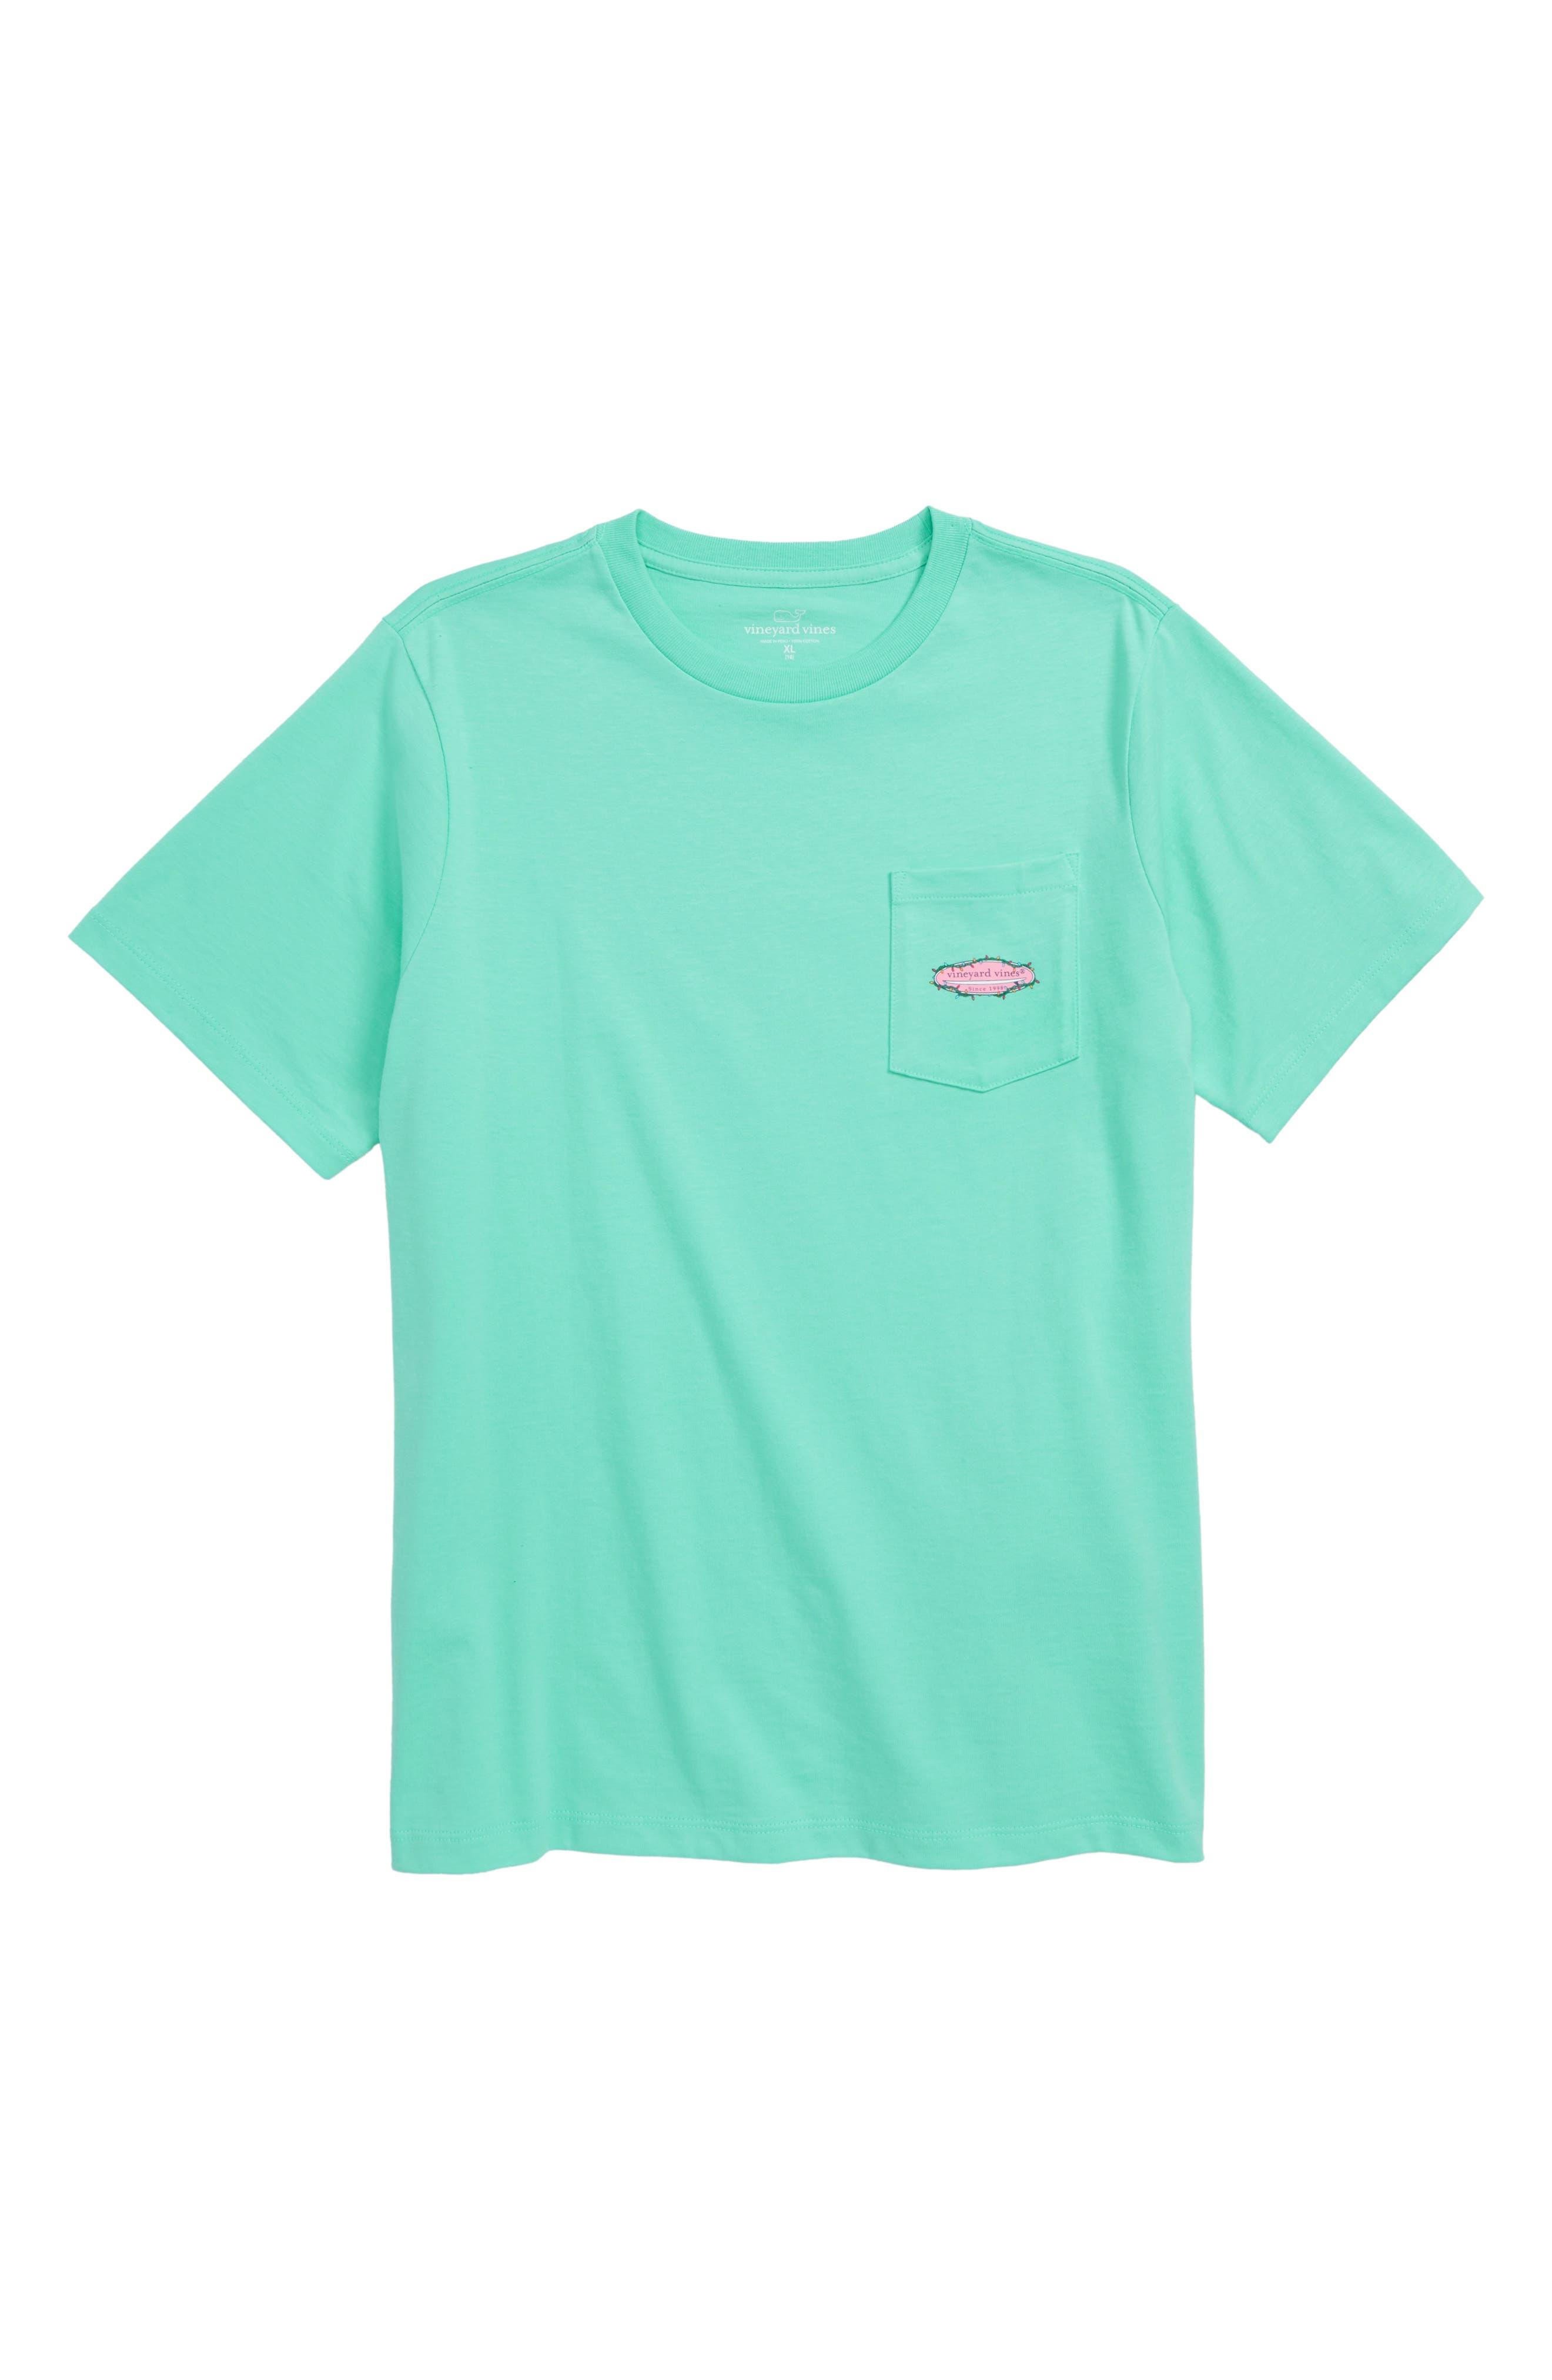 Surf Lights T-Shirt,                             Main thumbnail 1, color,                             CAPRI BLUE